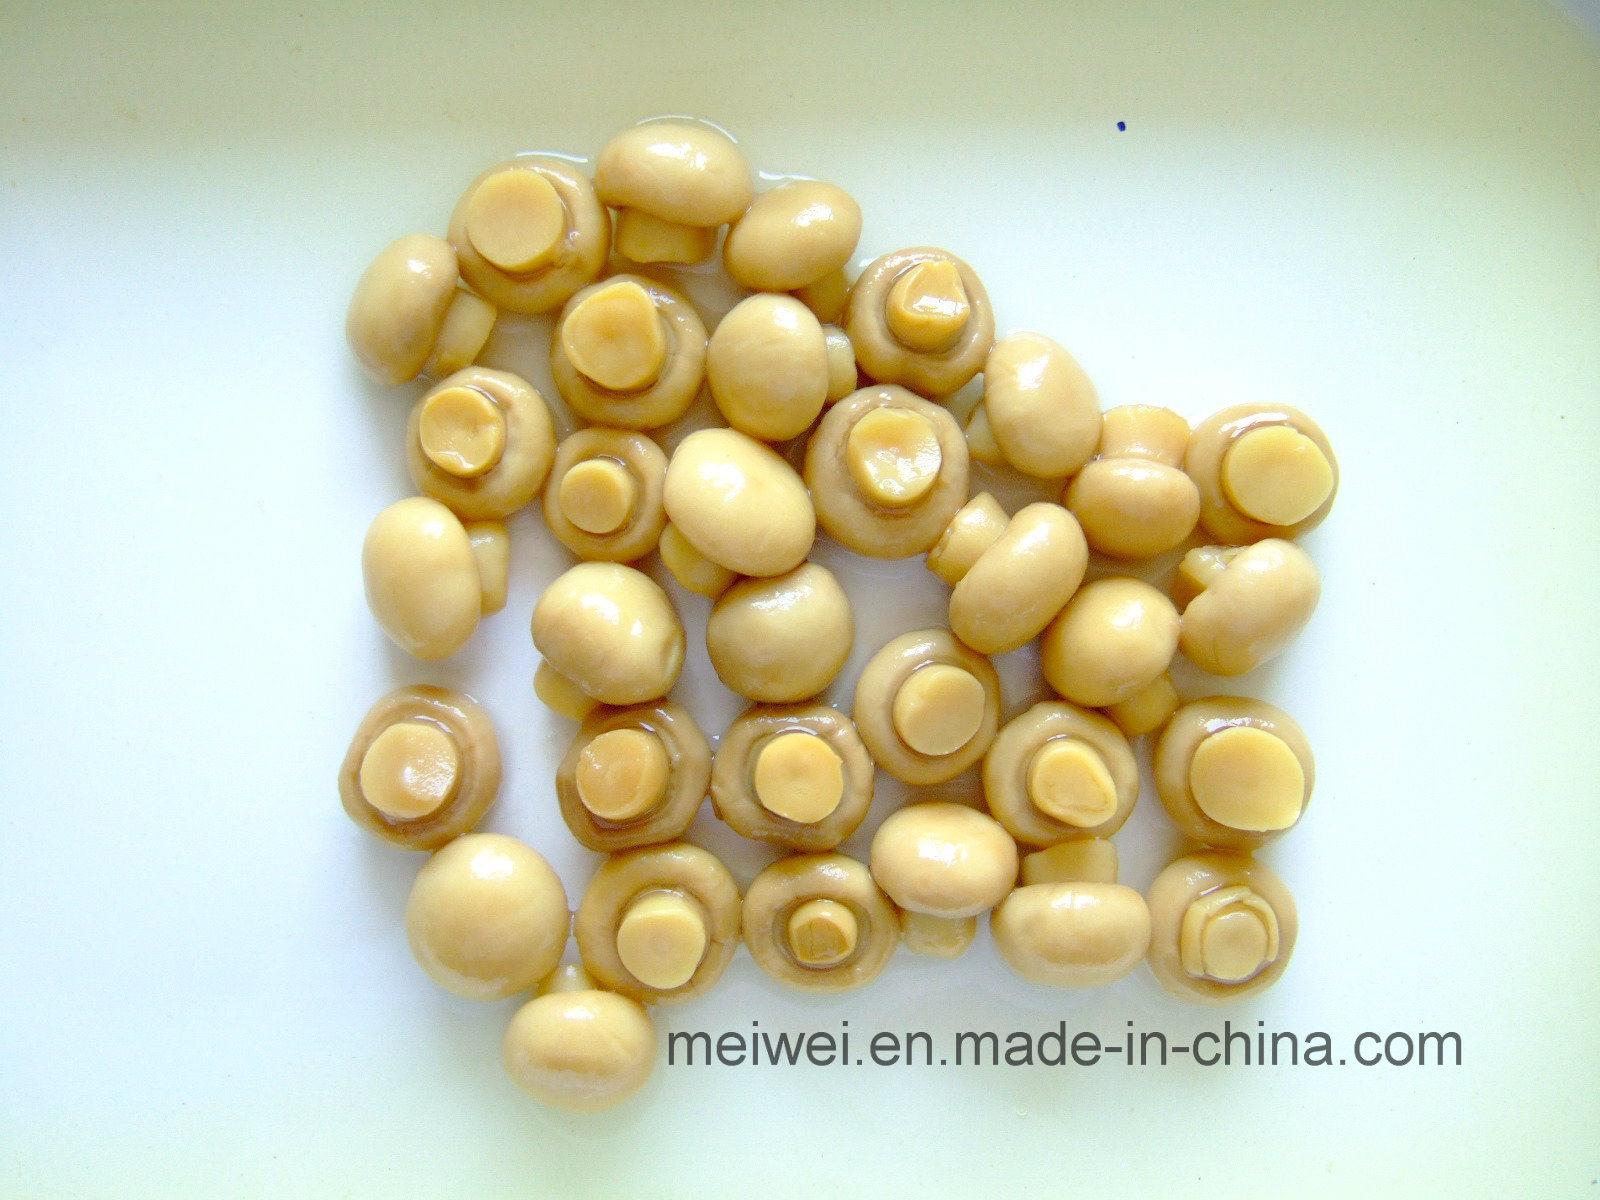 Mushroom Canned Champignons Mushroom